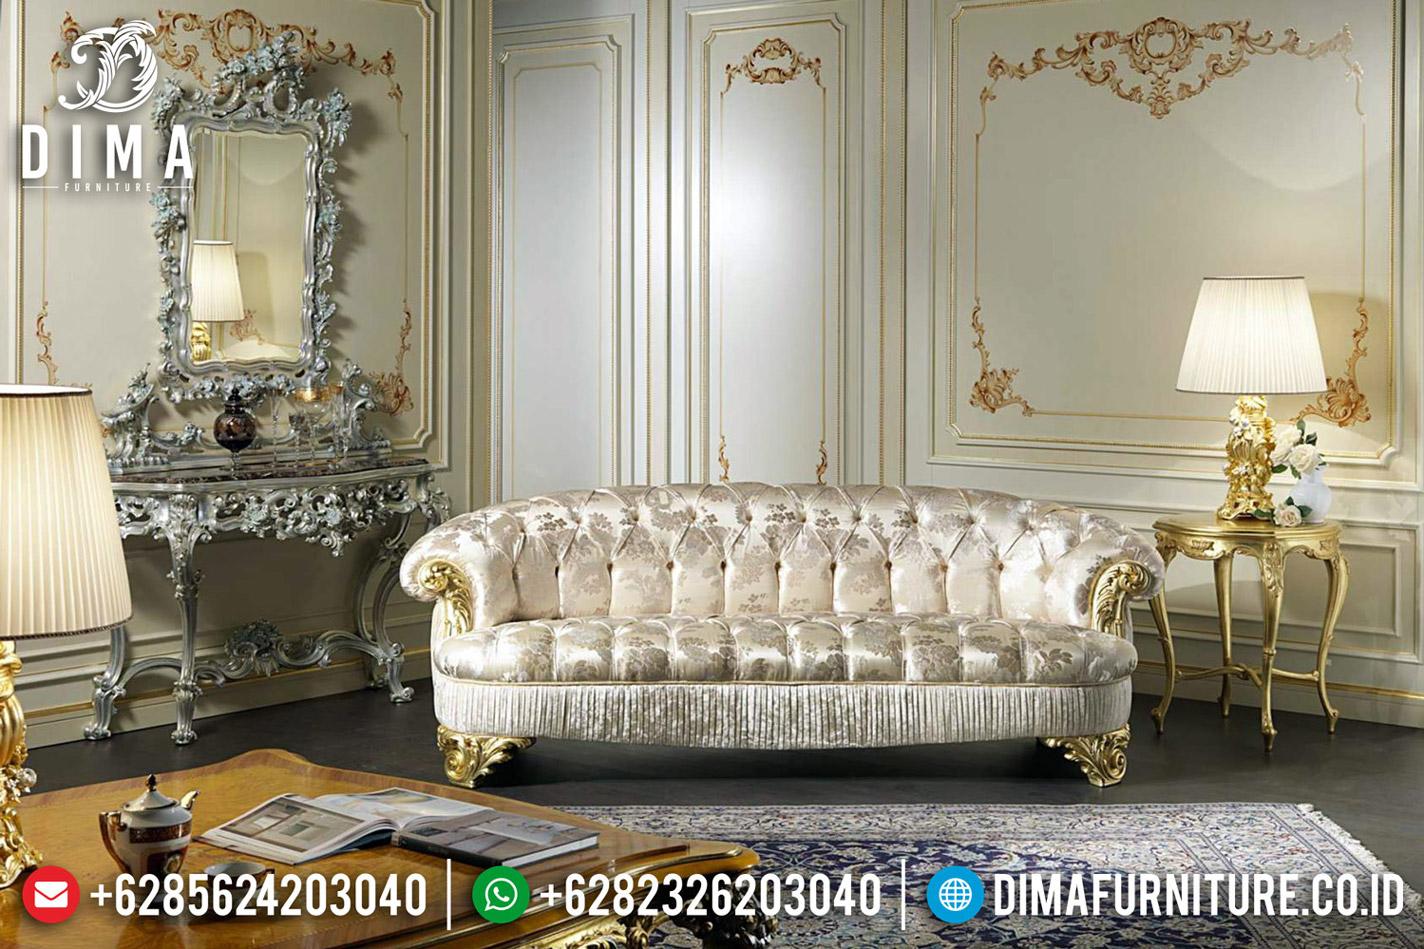 Sofa Tamu Dalmata 3 Dudukan Desain Ruang Tamu Luxury Furniture Jepara TTJ-0612